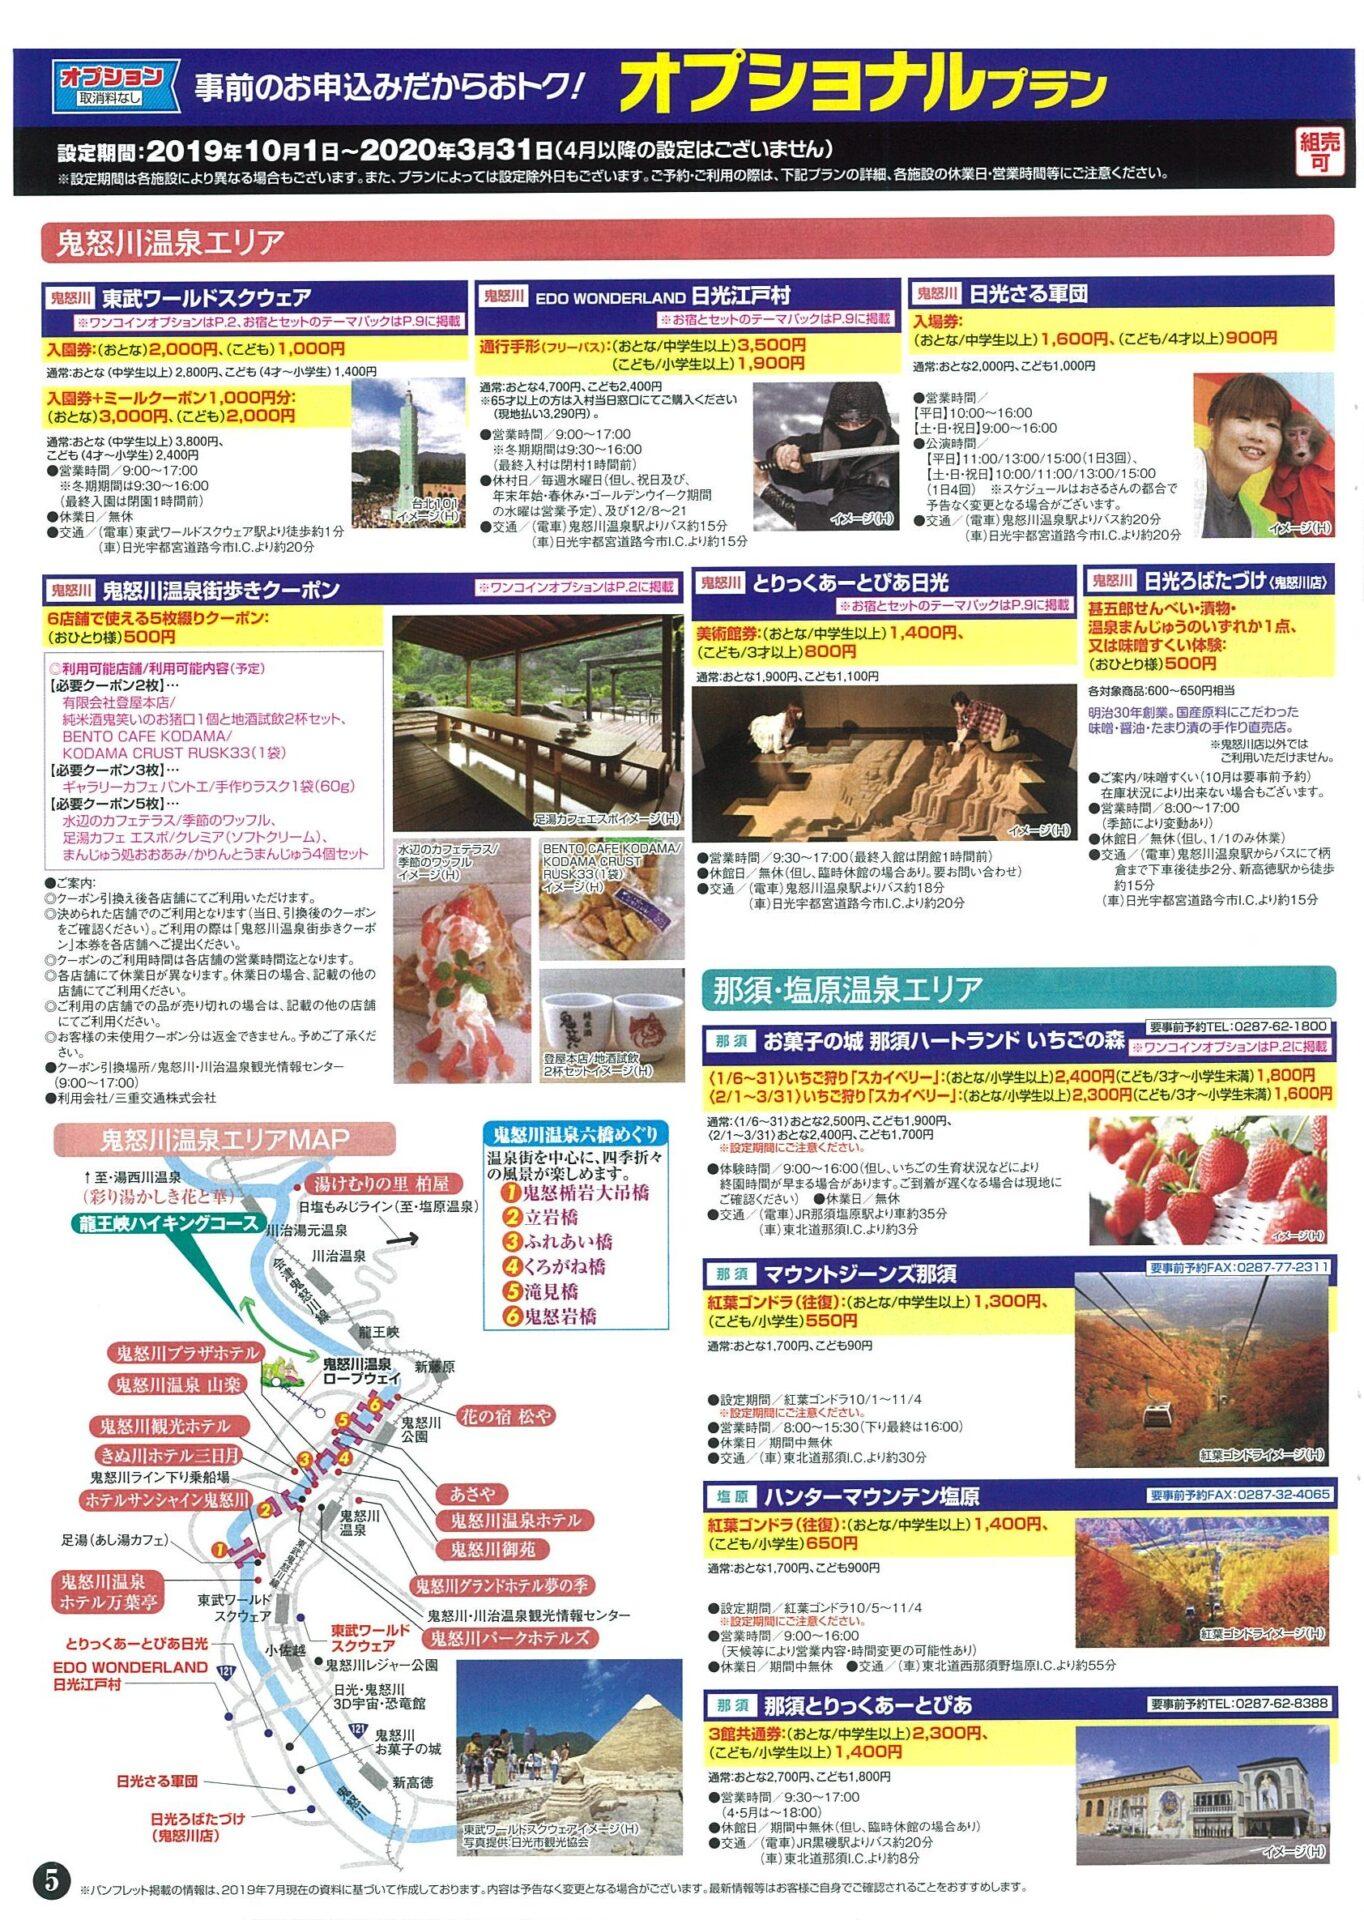 【旅コレクション】栃木、日光・鬼怒川・那須へ行こう